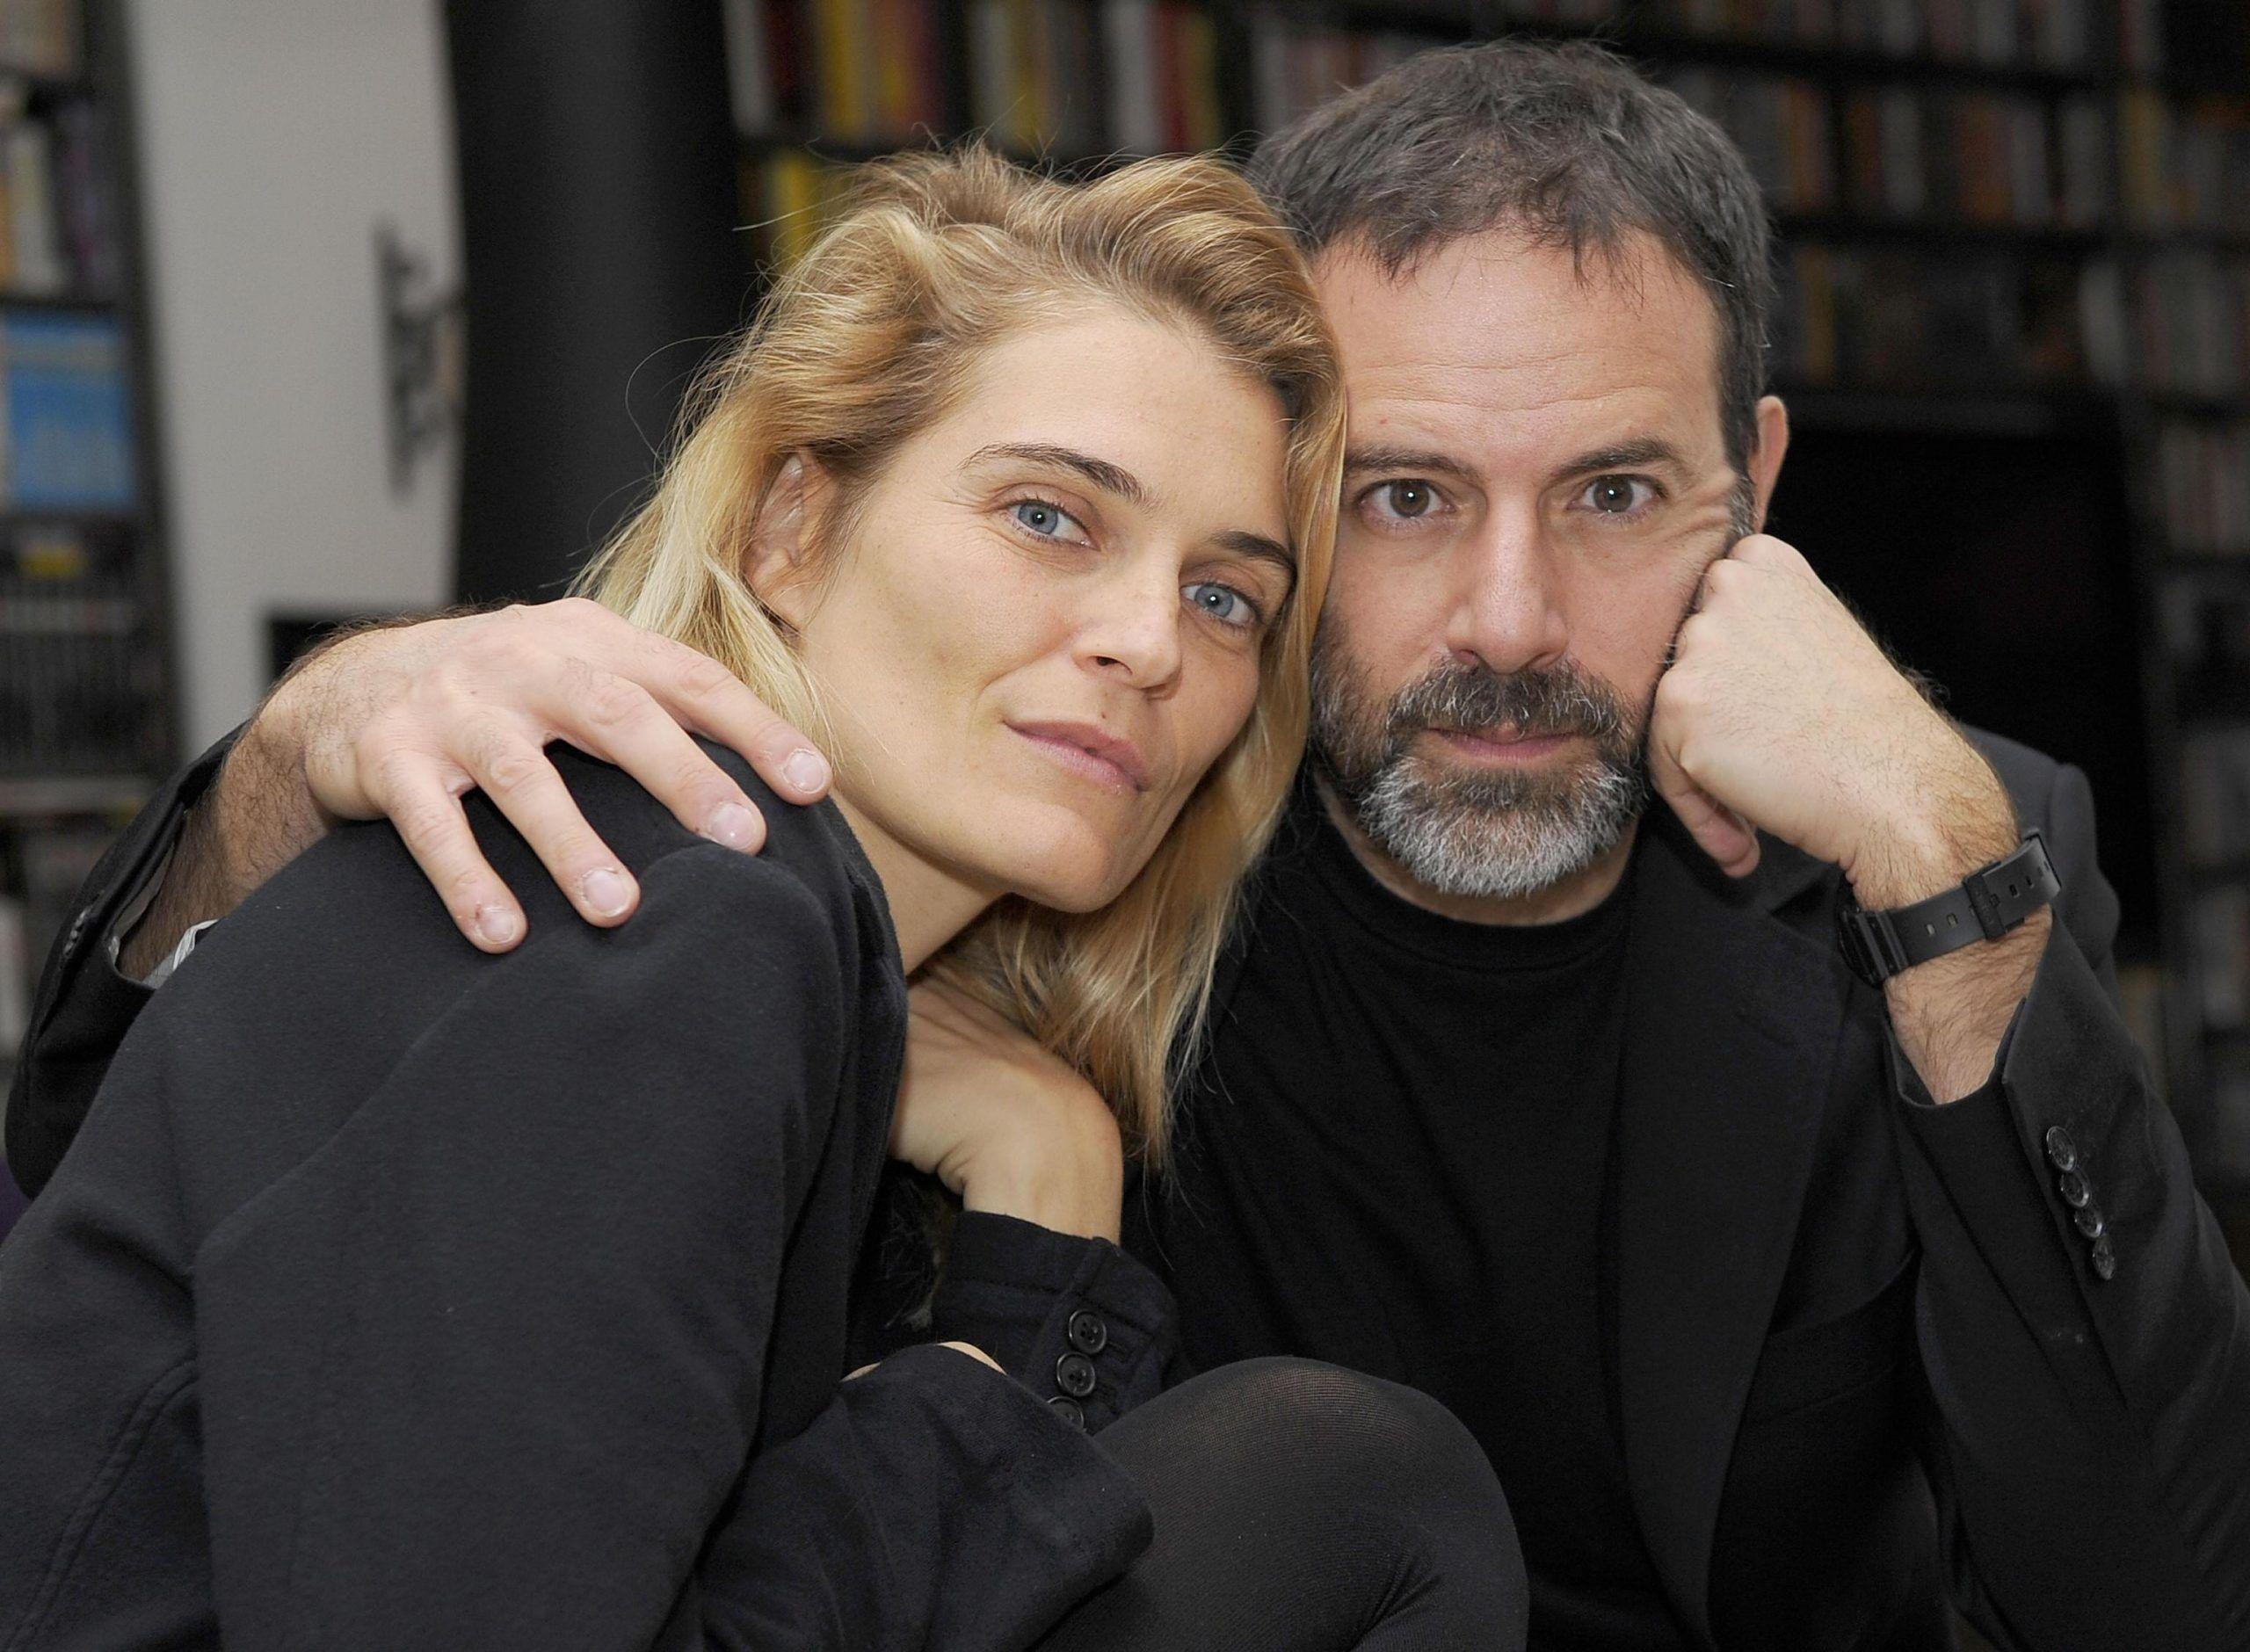 Fausto Brizzi e la moglie Claudia Zanella di nuovo insieme dopo le accuse di molestie